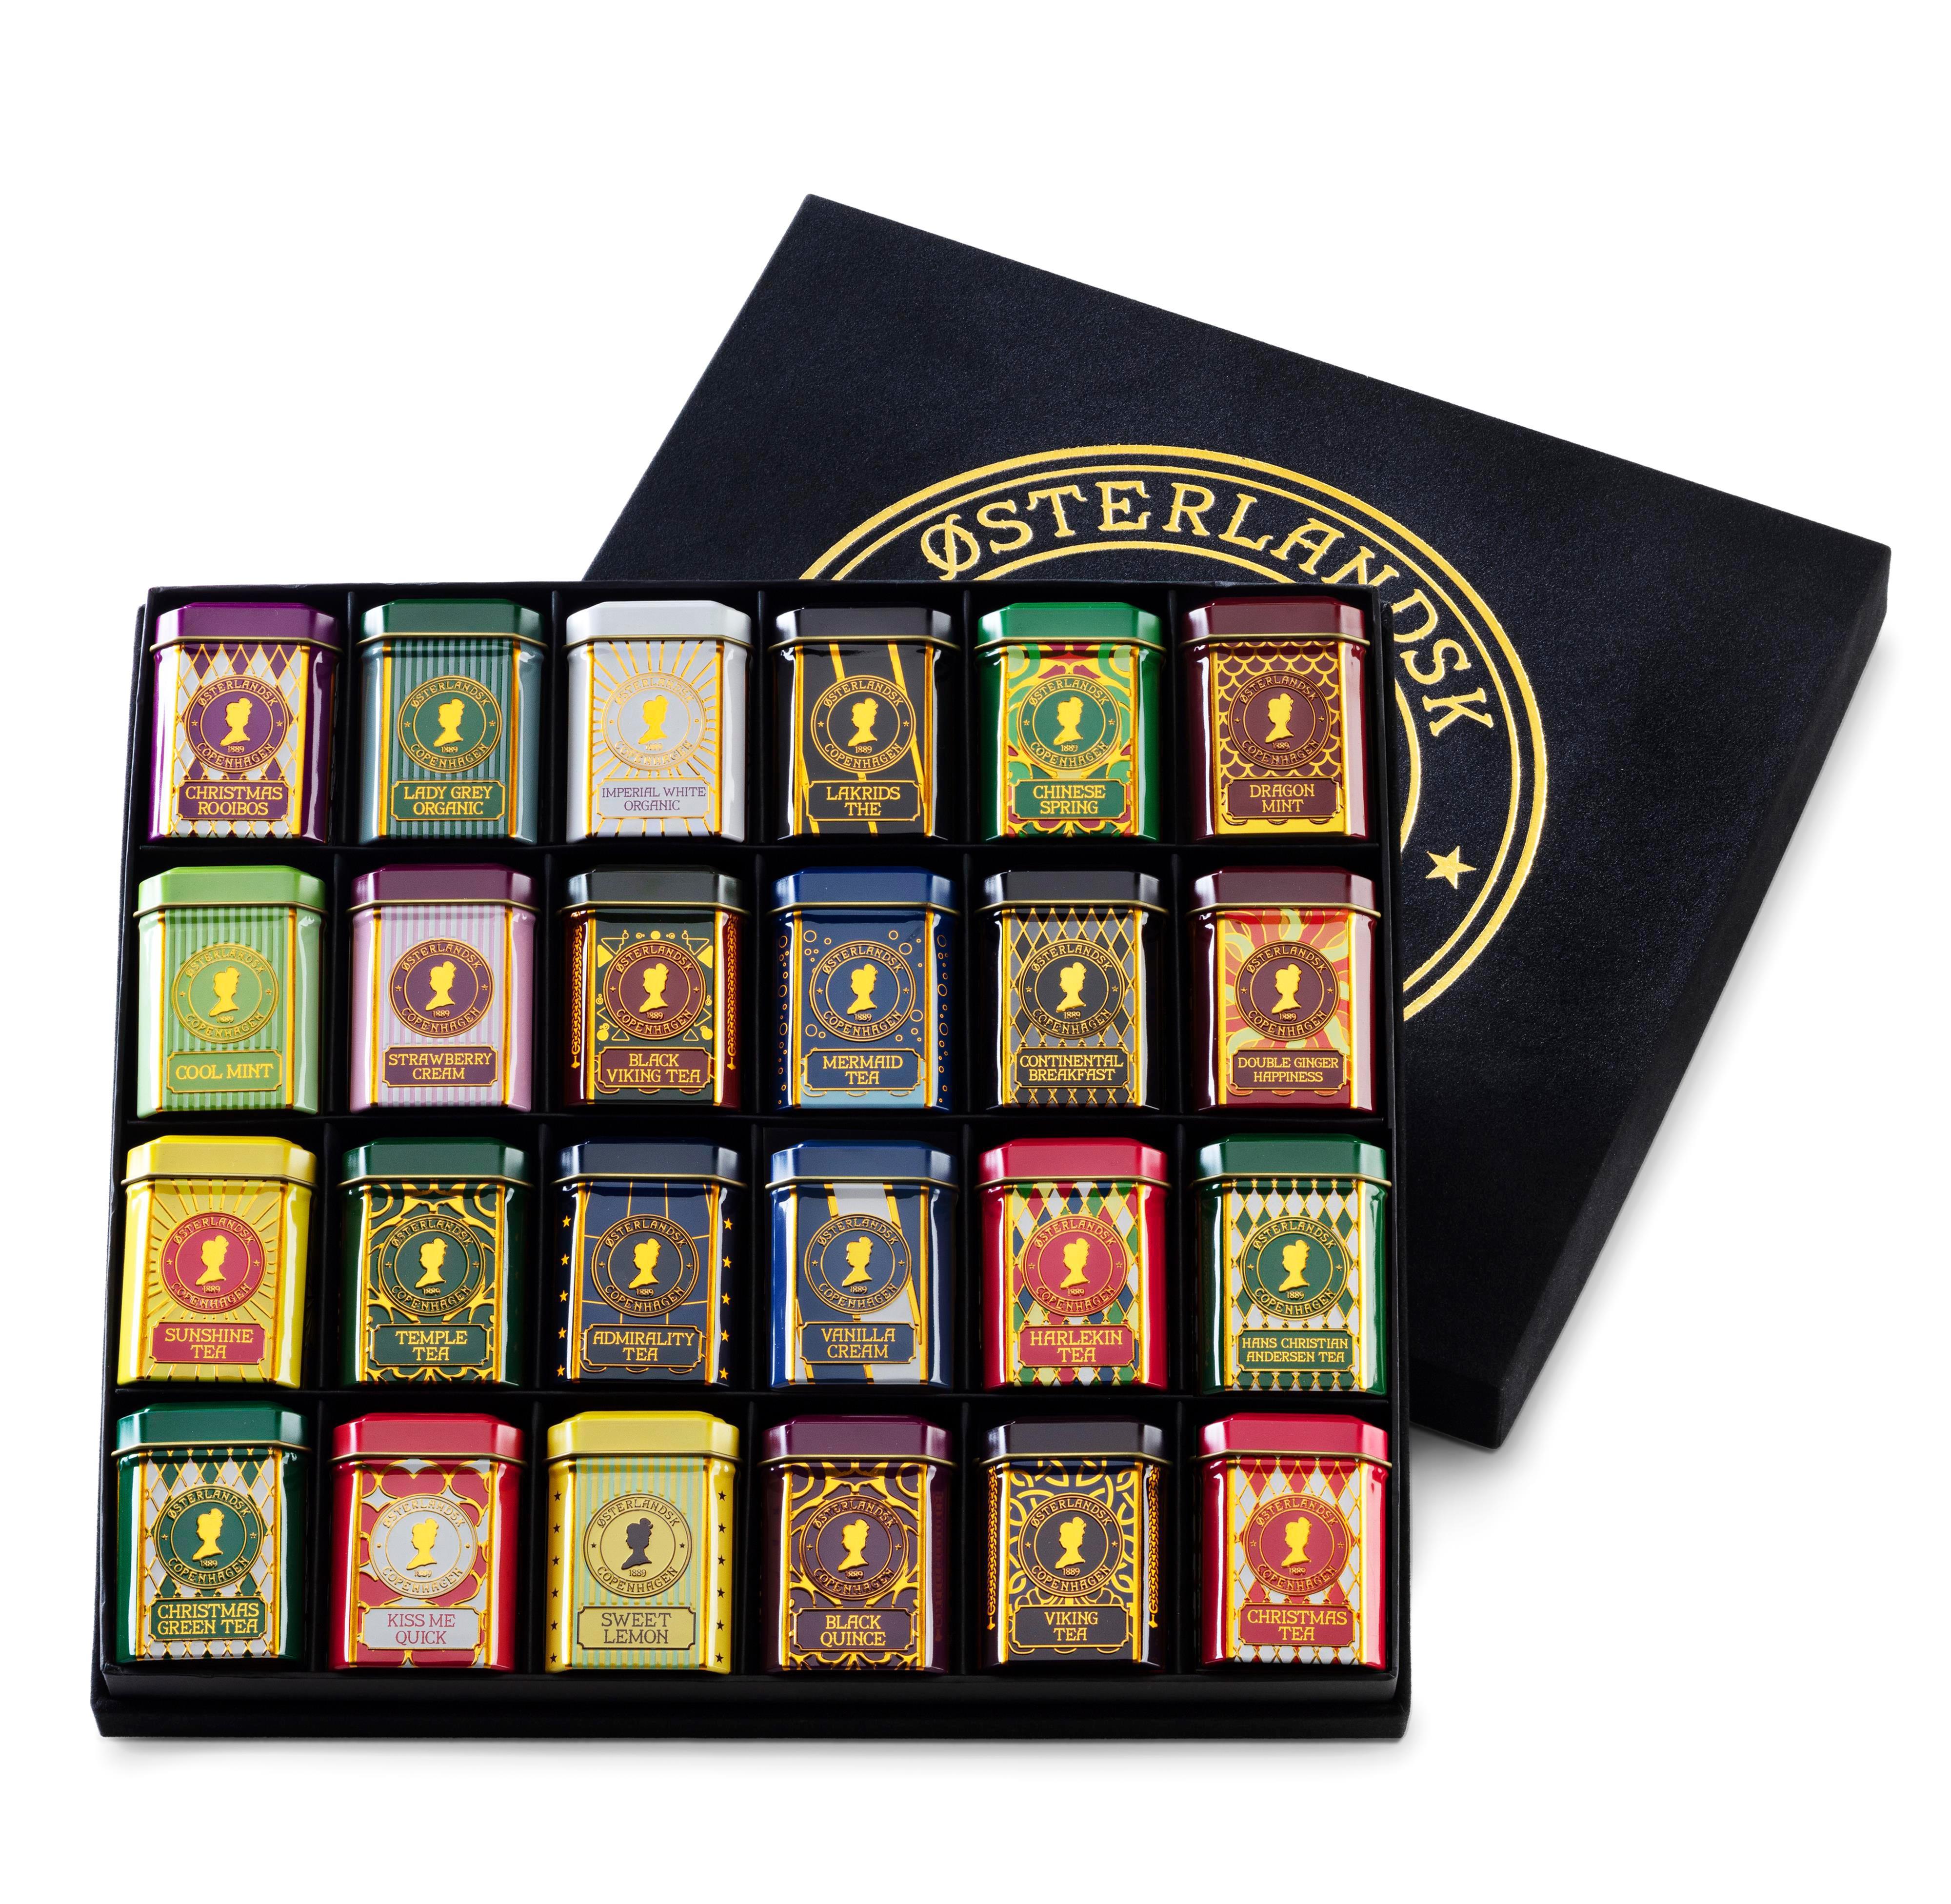 Østerlandsk Gaveæske, 24 dåser med te i løsvægt.